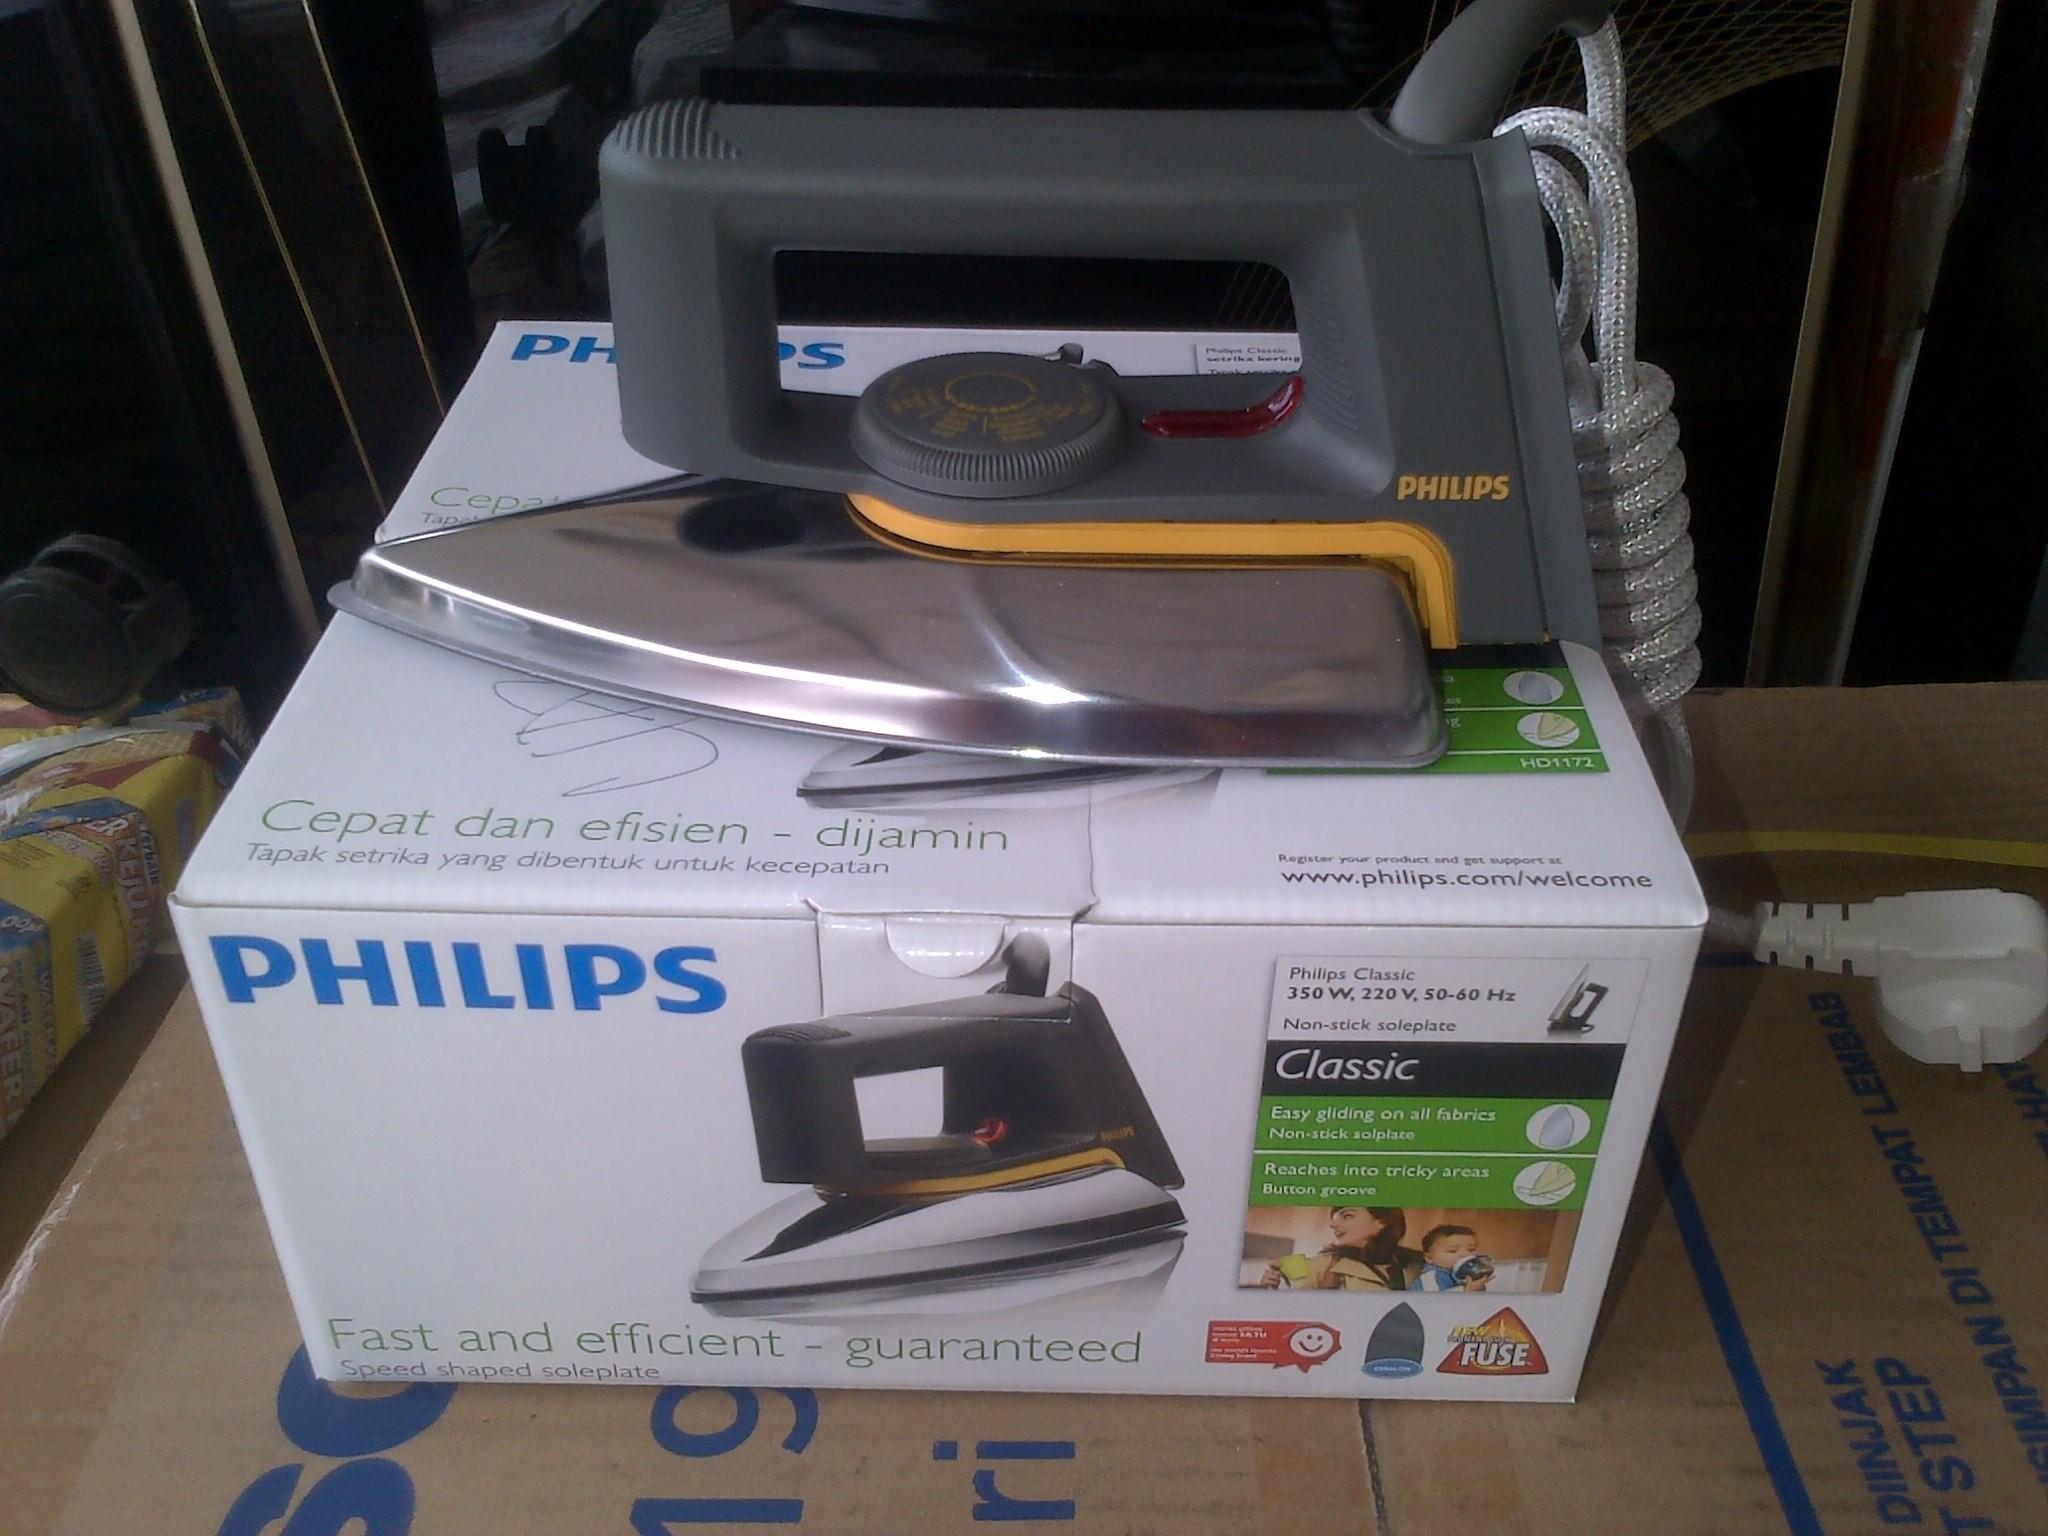 Philips Hd 1172 40 Setrika Daftar Harga Terbaru Dan Terupdate Original Jual Gosokan Seri Karyajayaelectronikhendy Tokopedia